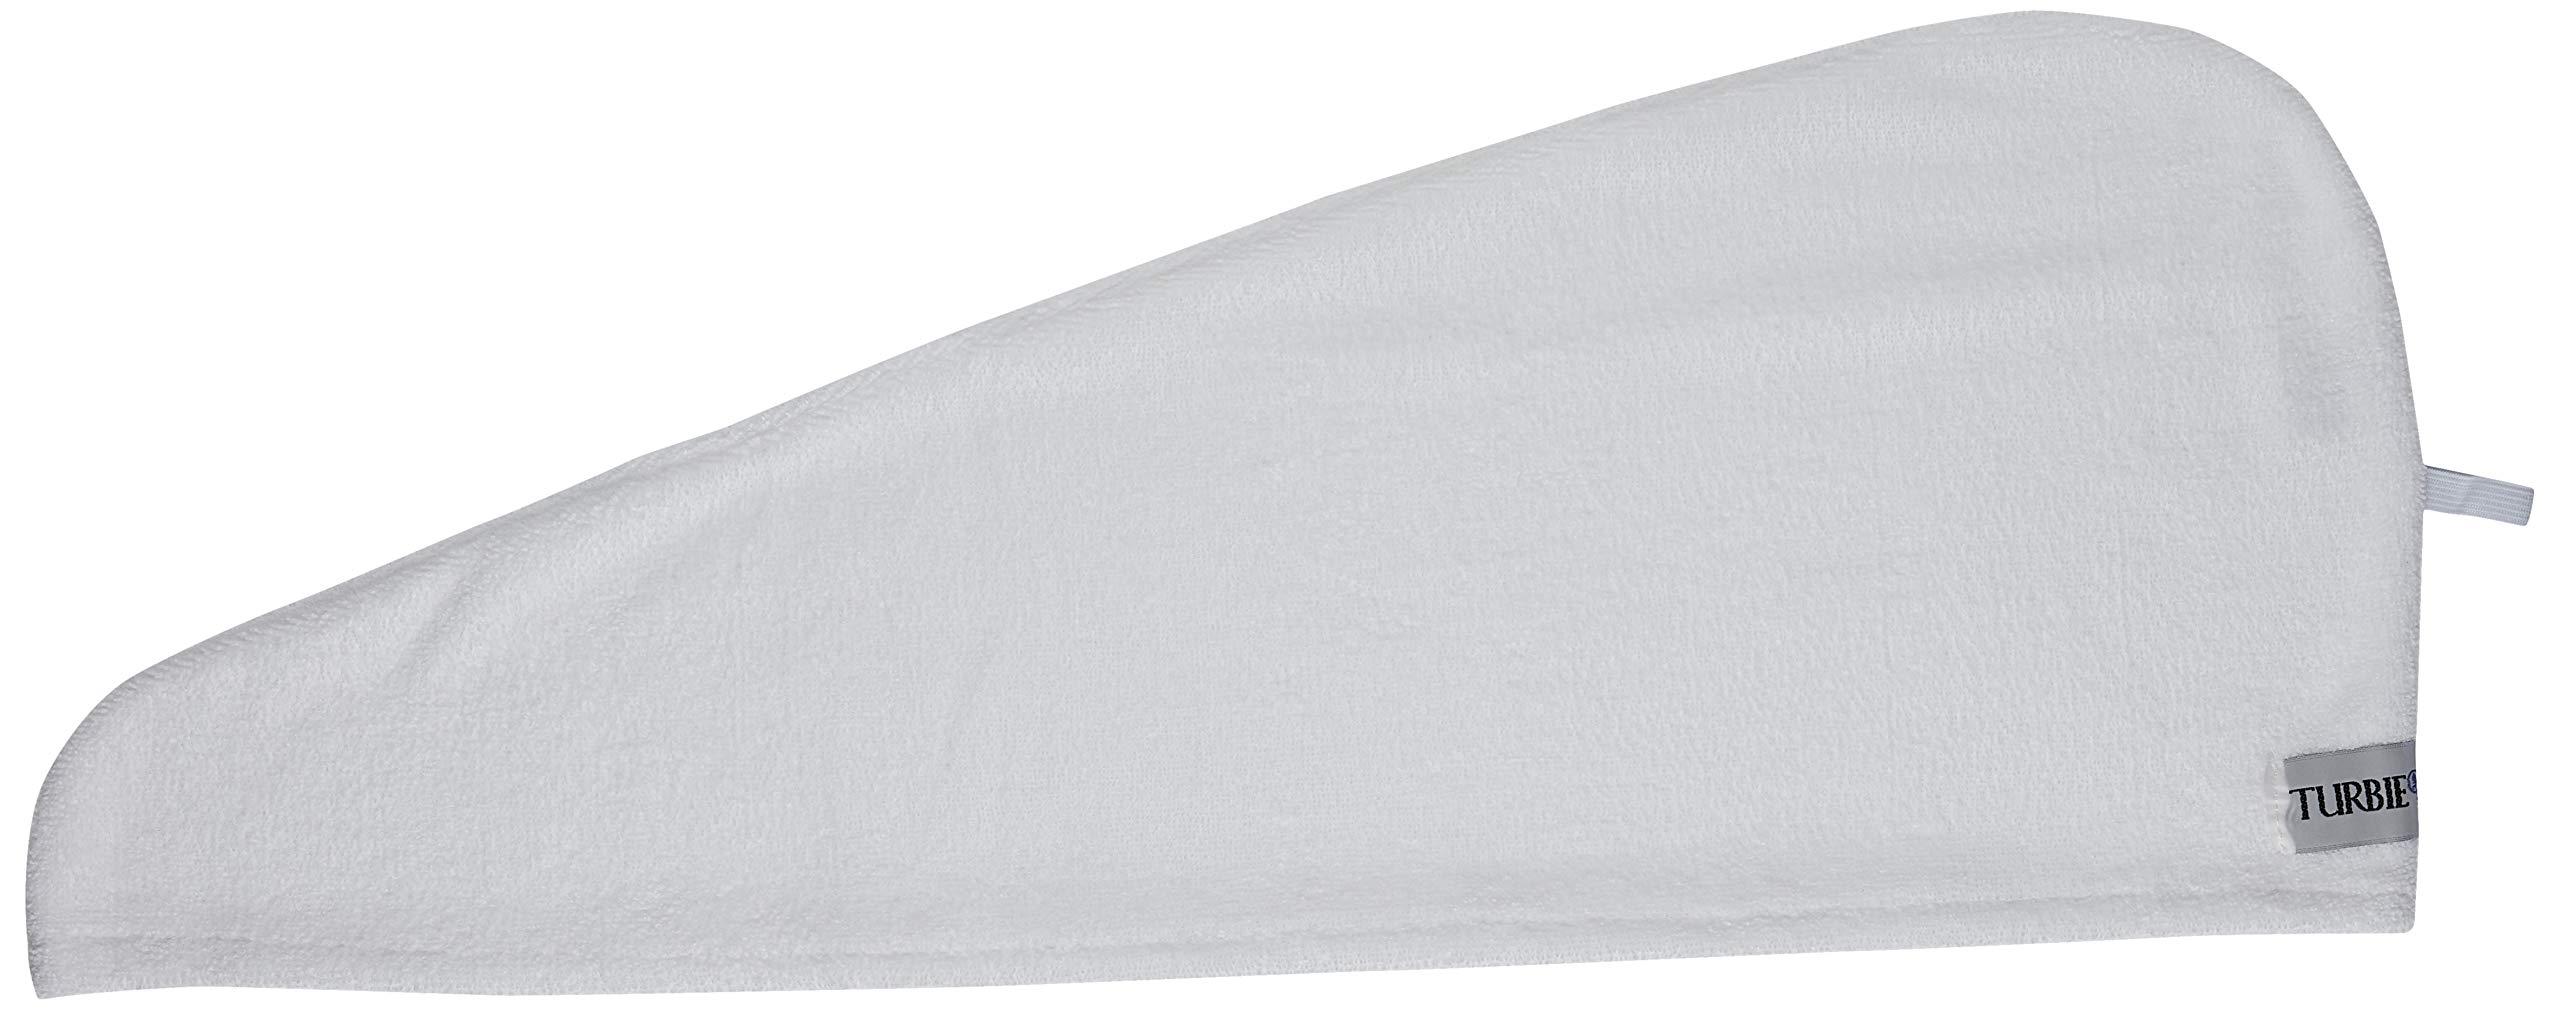 Turbie Twist Microfiber Hair Towel 2 Pack(White) by Turbie Twist